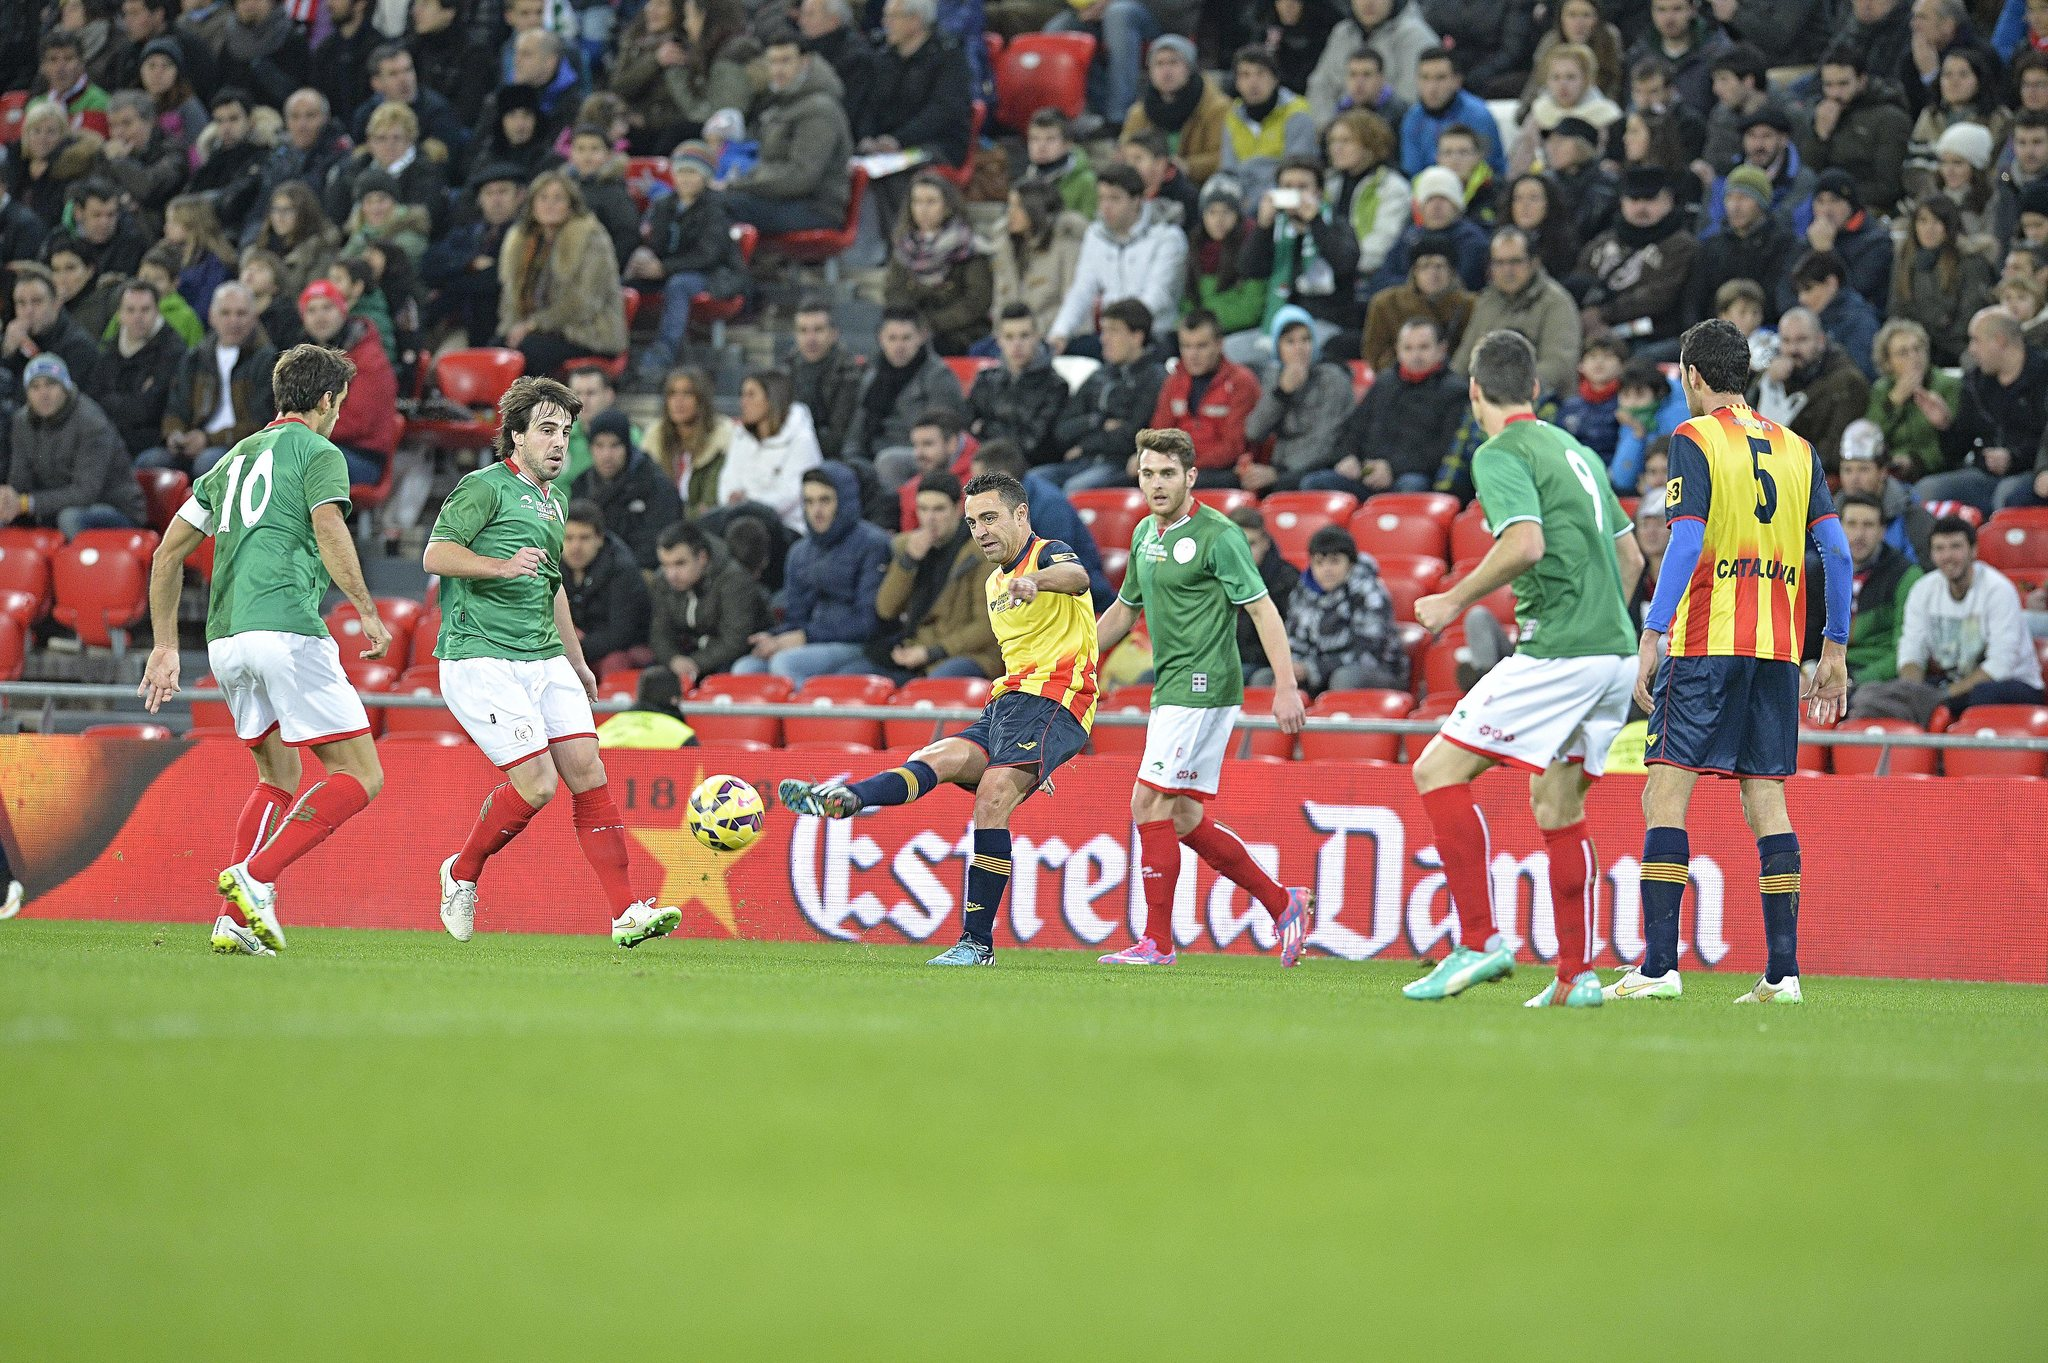 Un partido de la selección de Euskadi con la de Cataluña en 2014.